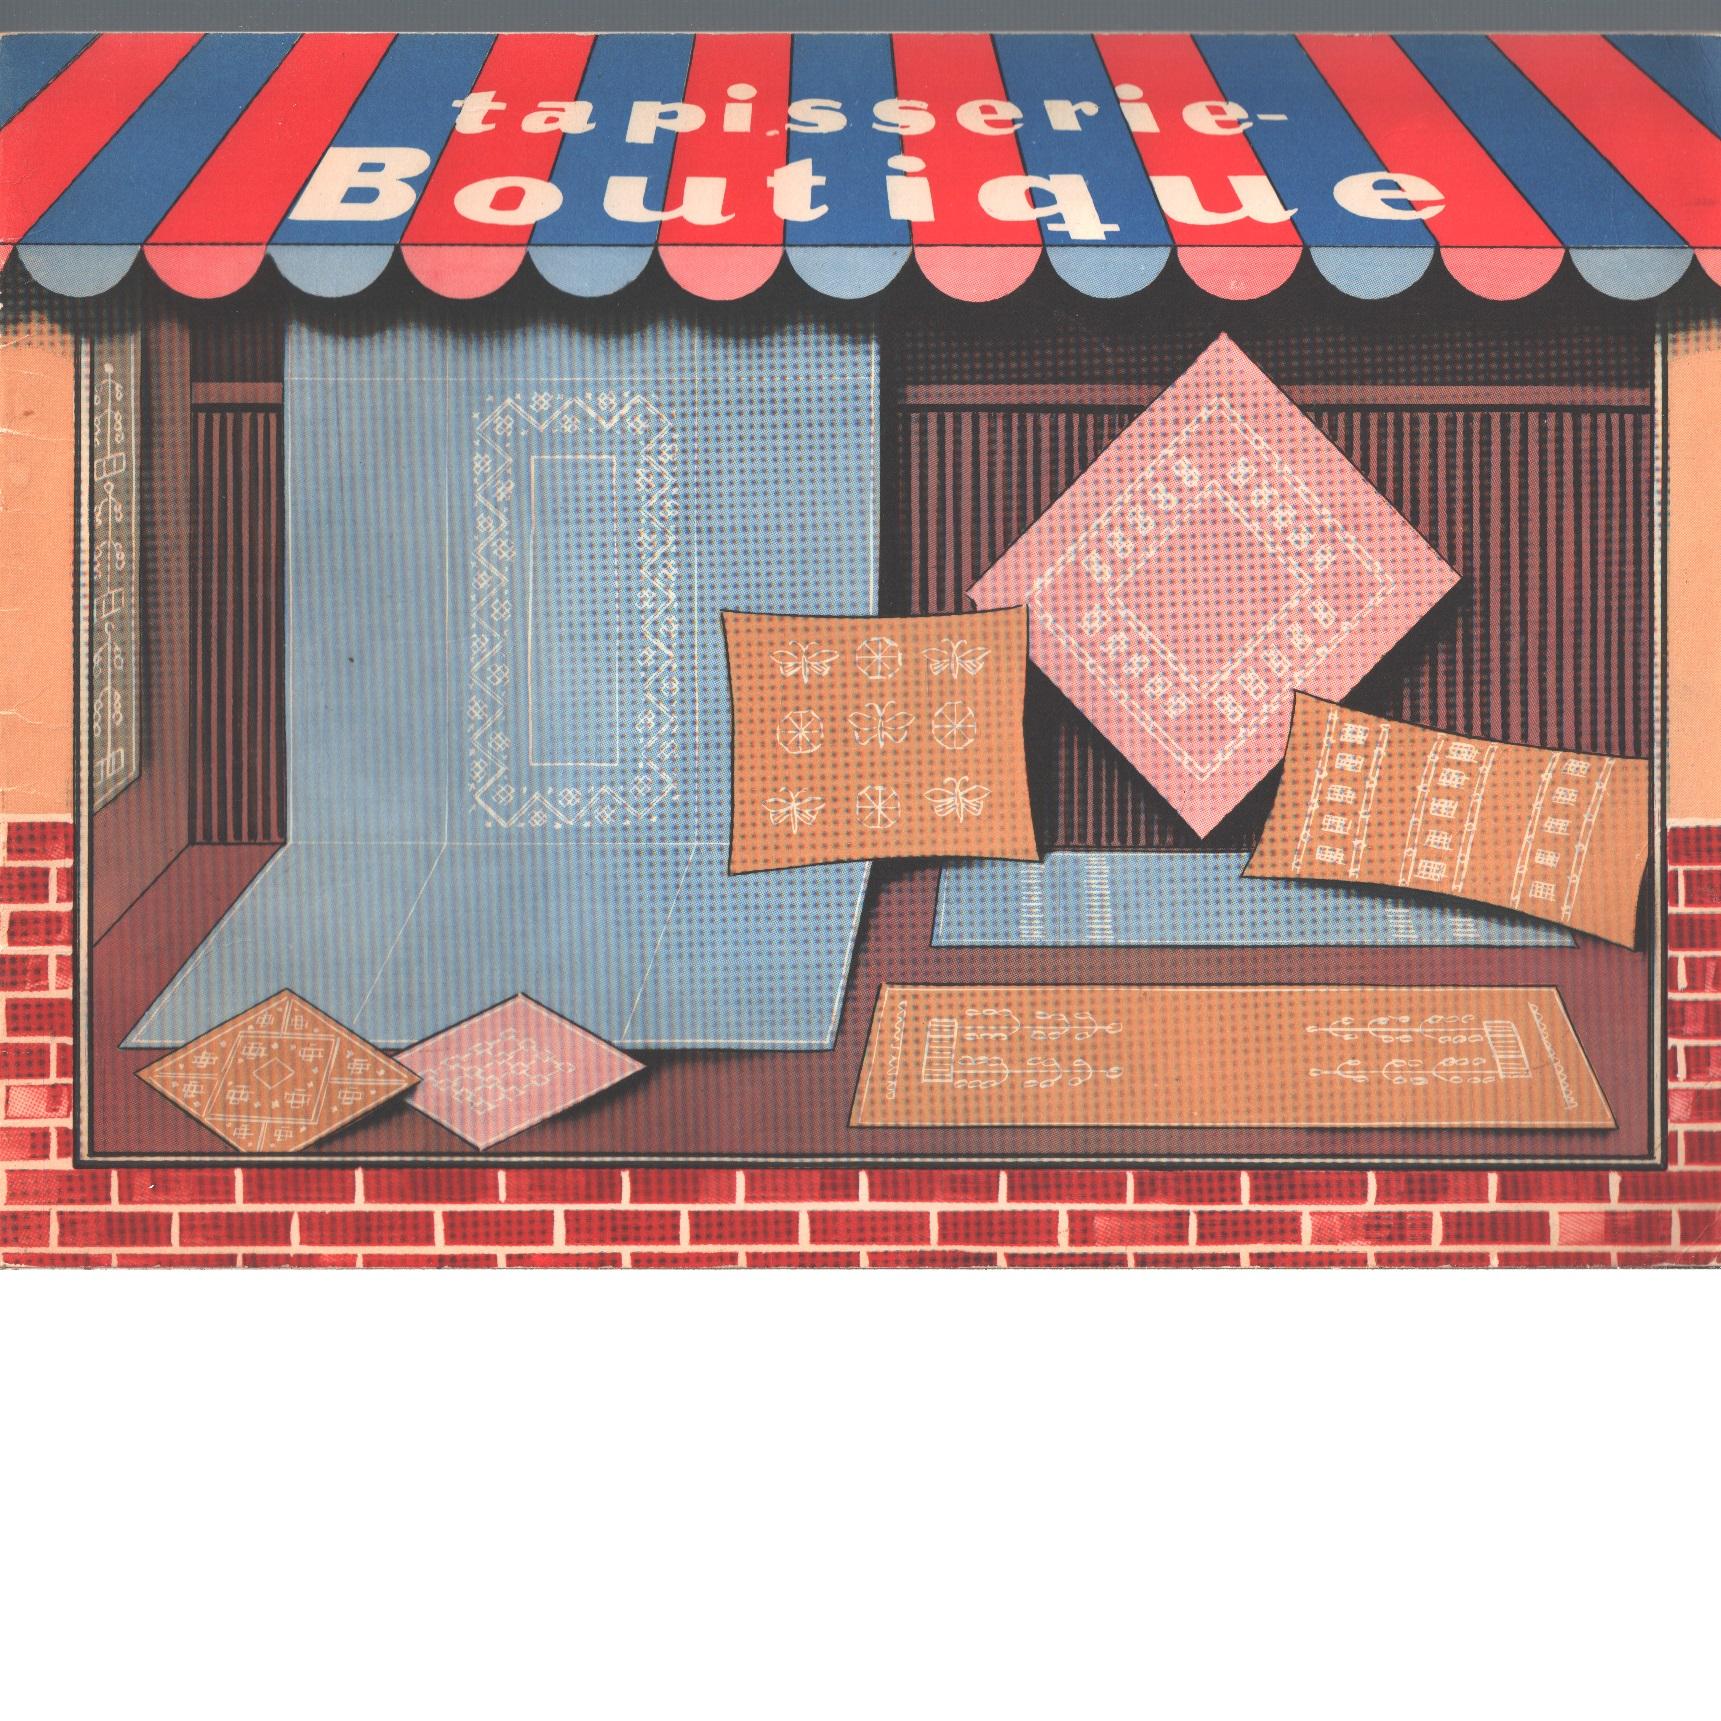 Tapisserie-boutique : förslag till handarbeten i olika bottensömmar - Lawergren, Sara